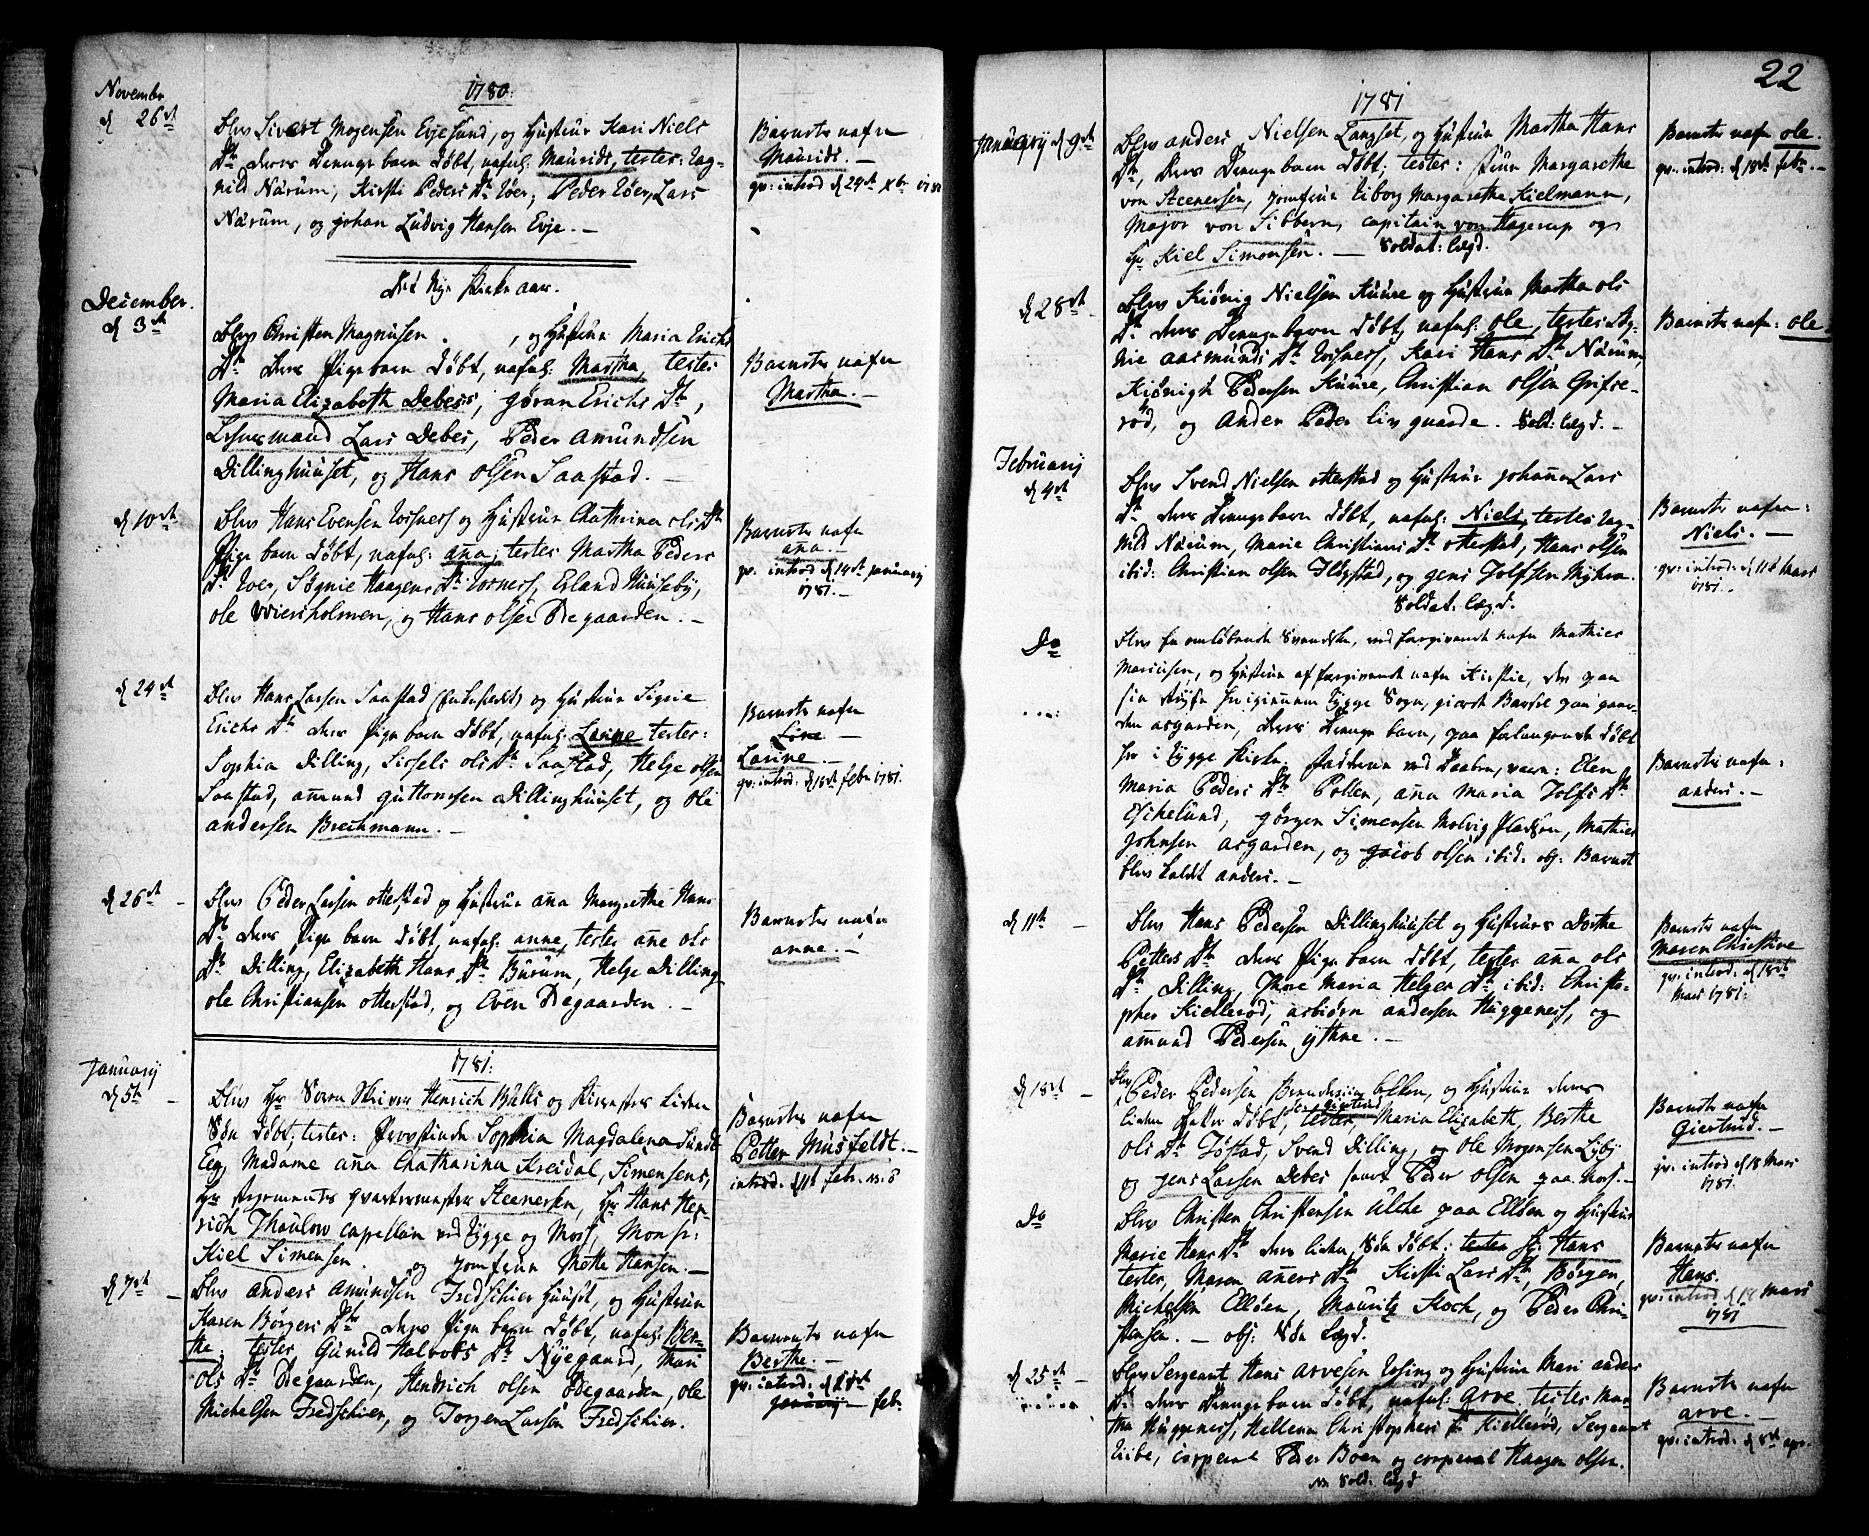 SAO, Rygge prestekontor Kirkebøker, F/Fa/L0002: Ministerialbok nr. 2, 1771-1814, s. 22